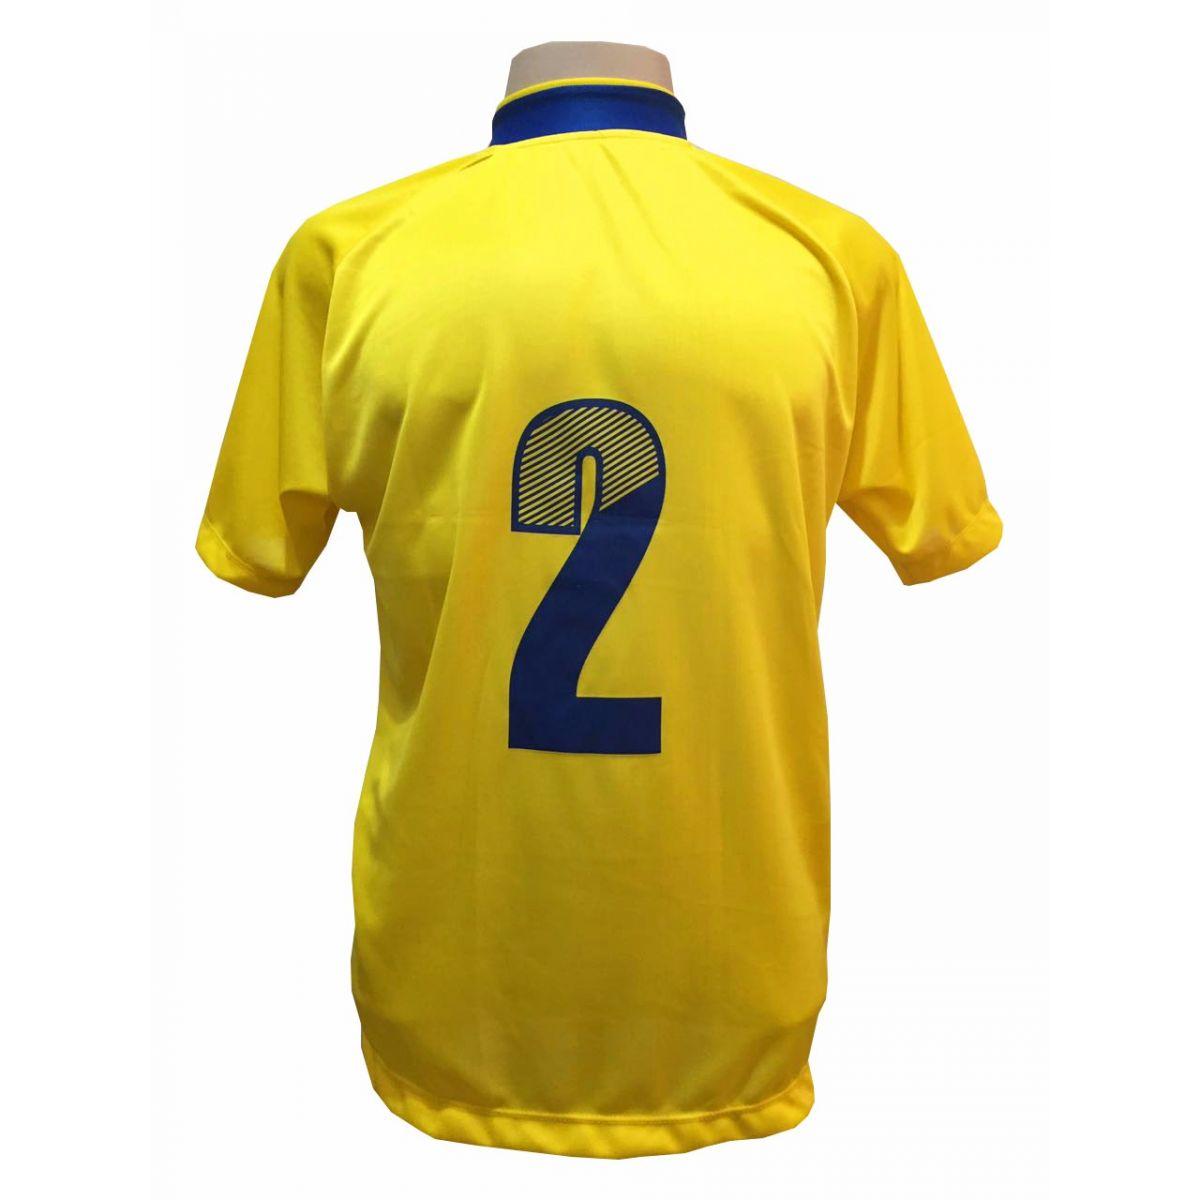 Uniforme Esportivo com 12 camisas modelo Milan Amarelo/Royal + 12 calções modelo Madrid Royal + Brindes